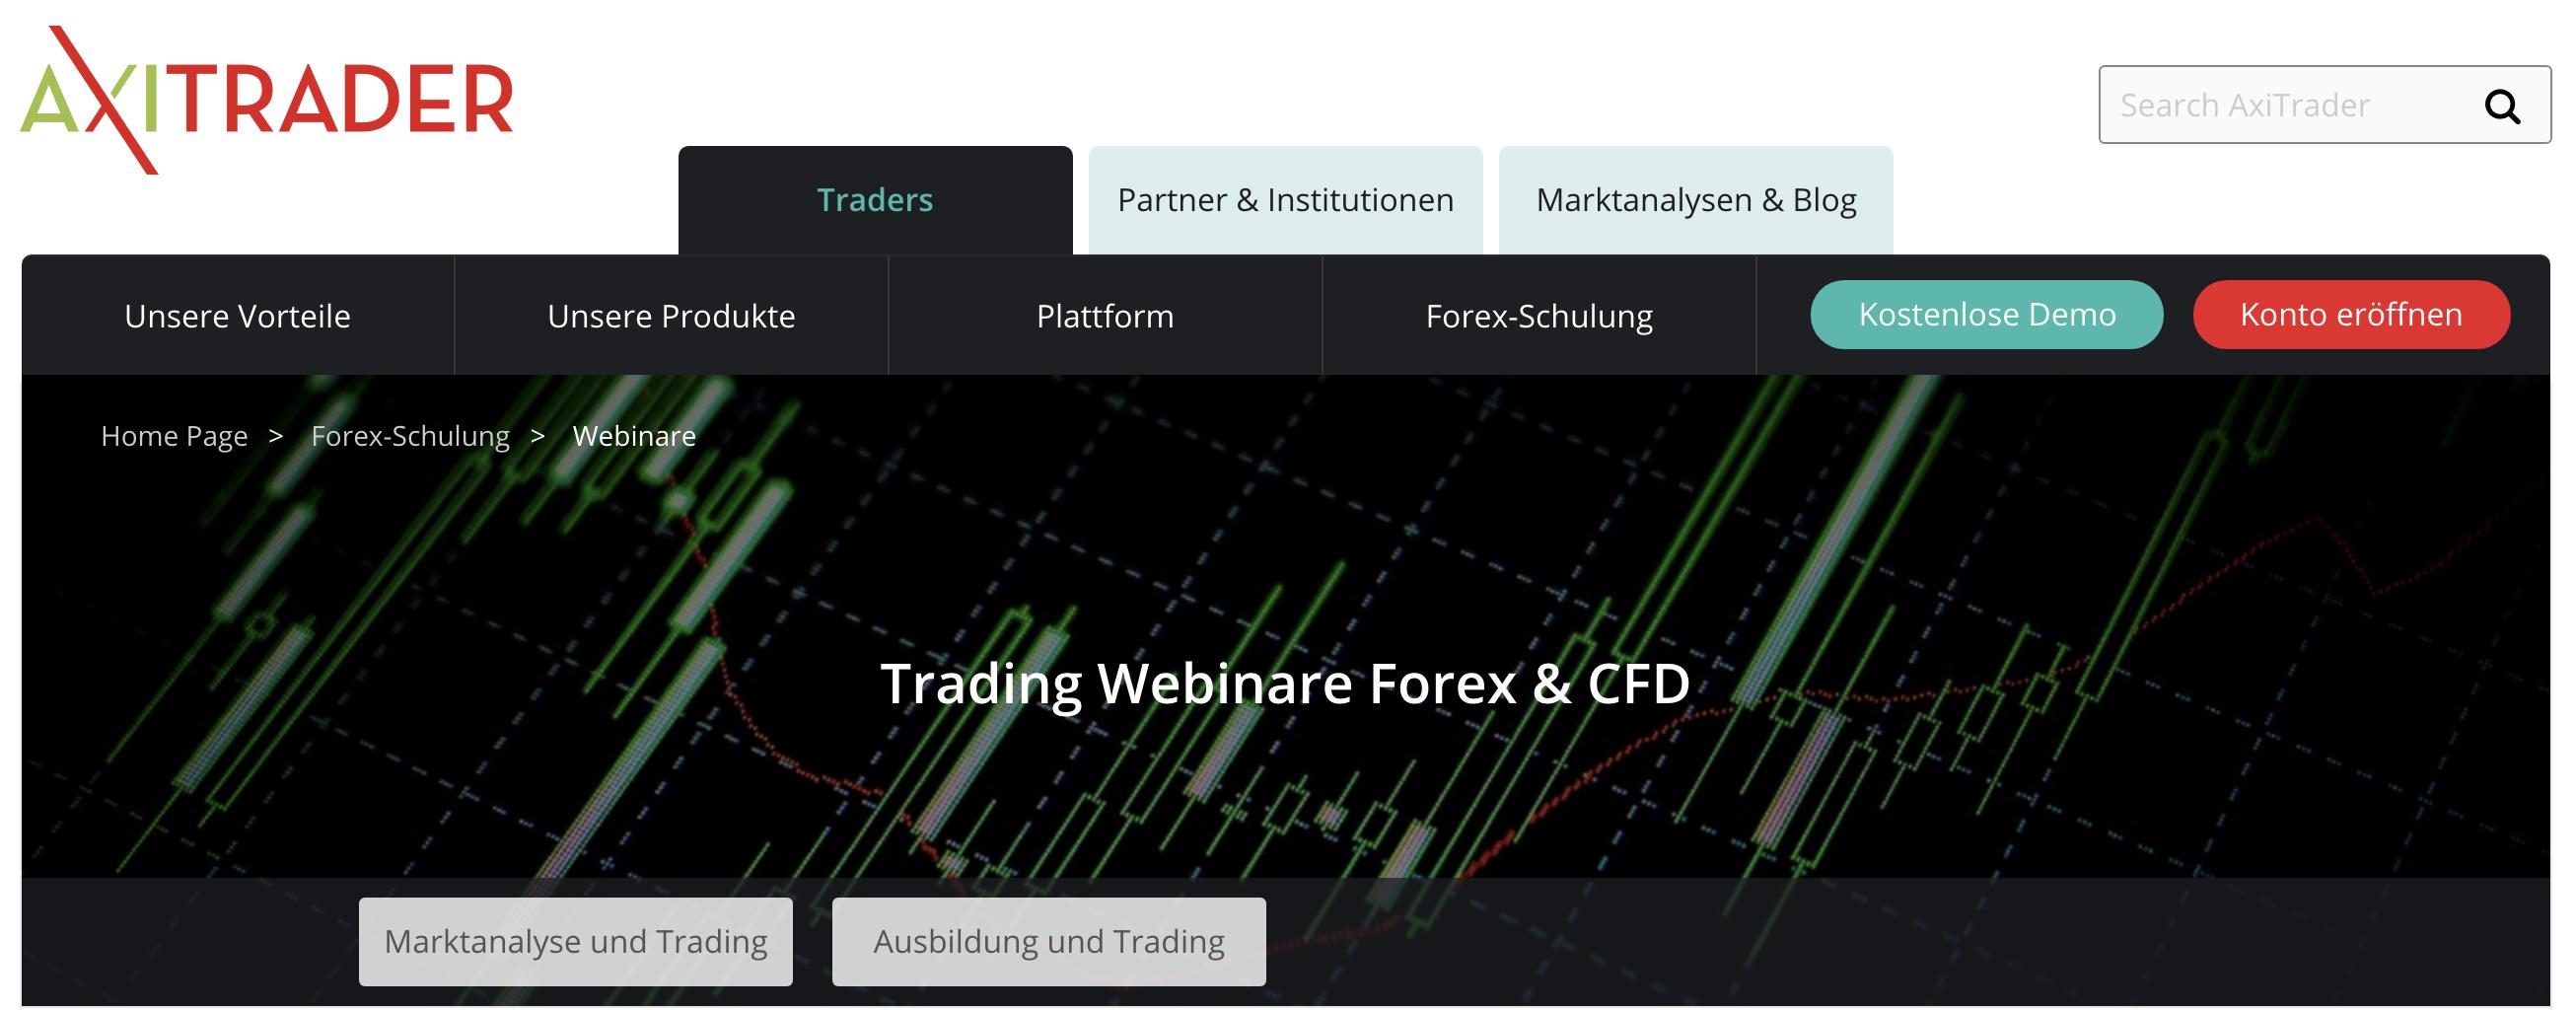 Zahlreiche Webiare zum Thema CFD und Forex